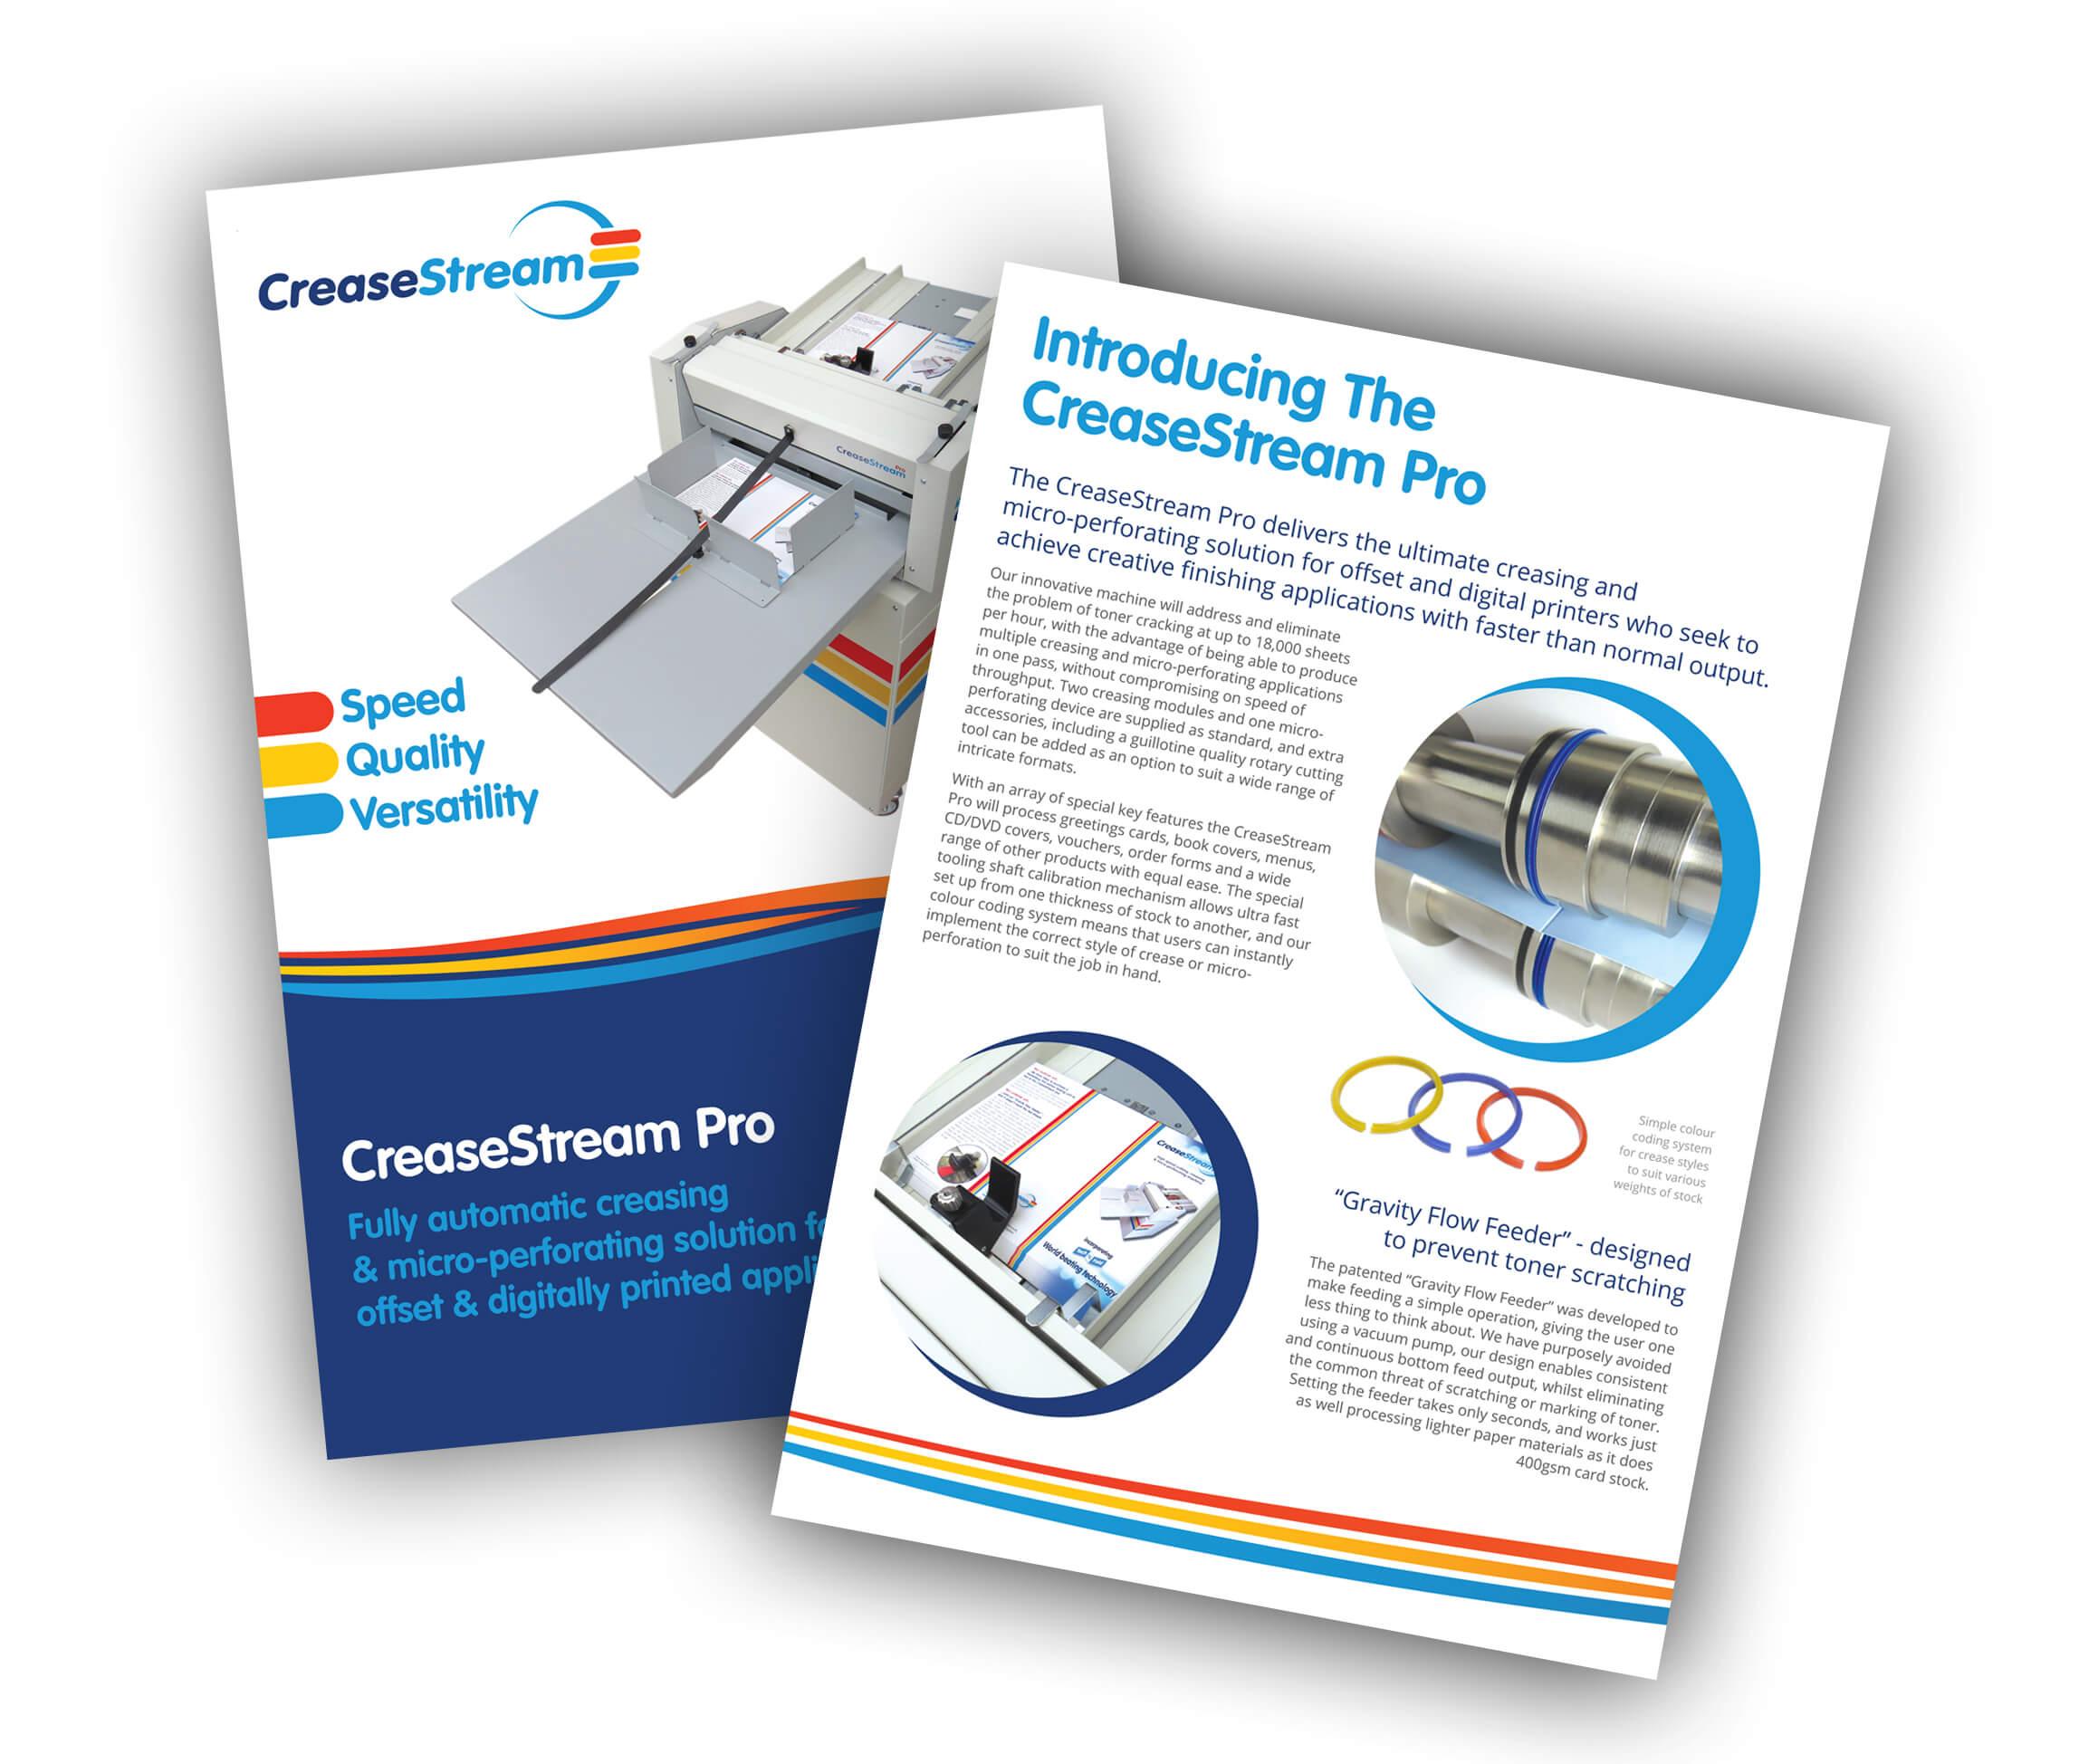 CreaseStream Pro brochure